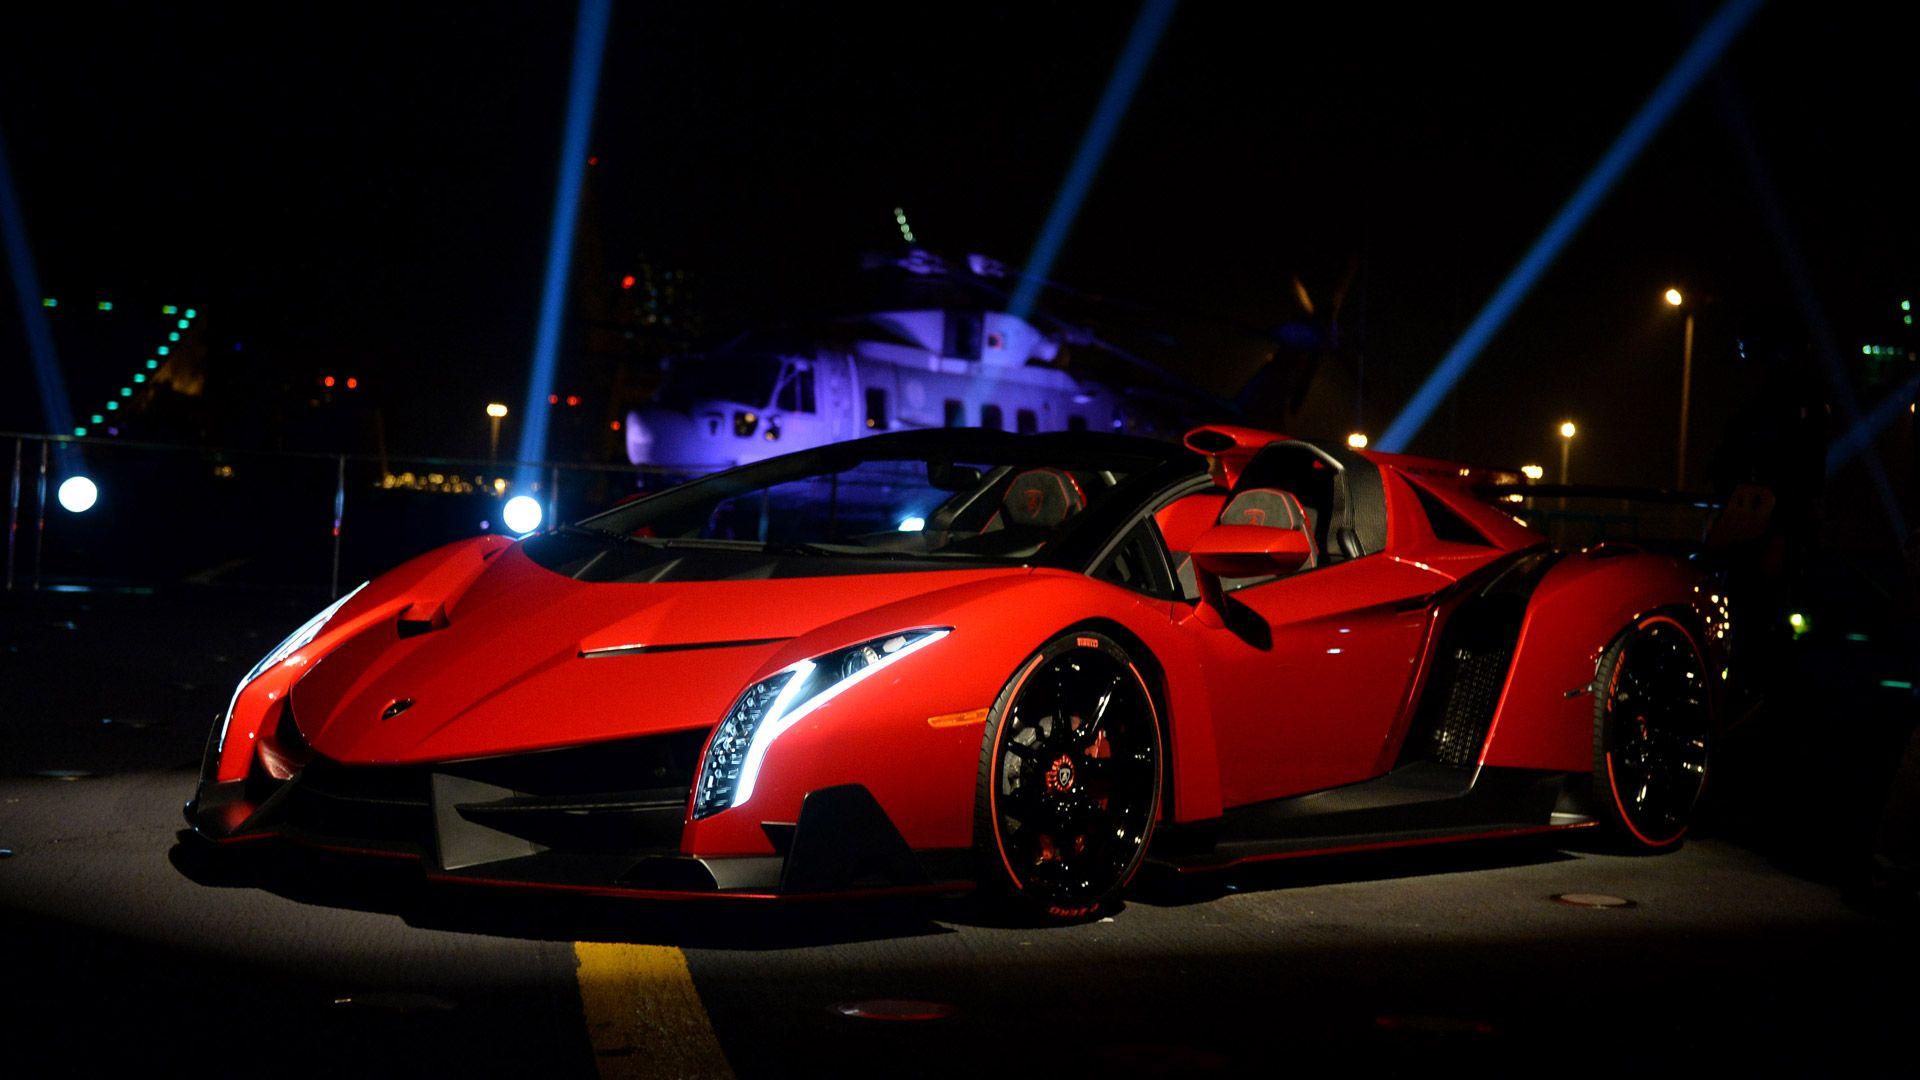 The new Lamborghini!